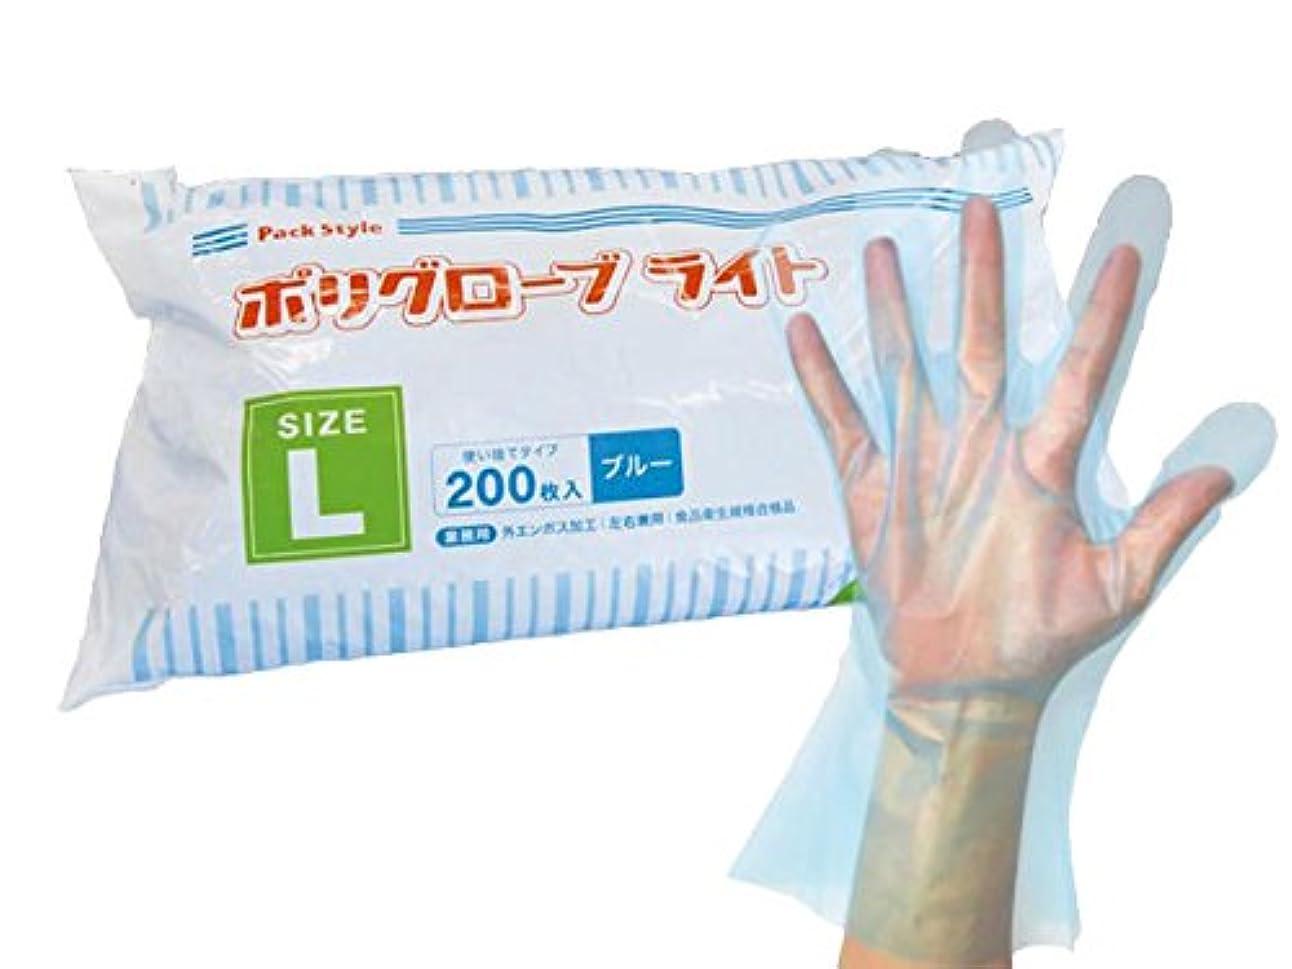 文言くしゃみフィールドパックスタイル 使い捨て ポリ手袋 ポリグローブライト ブルー 袋入 SS 6000枚 00555009